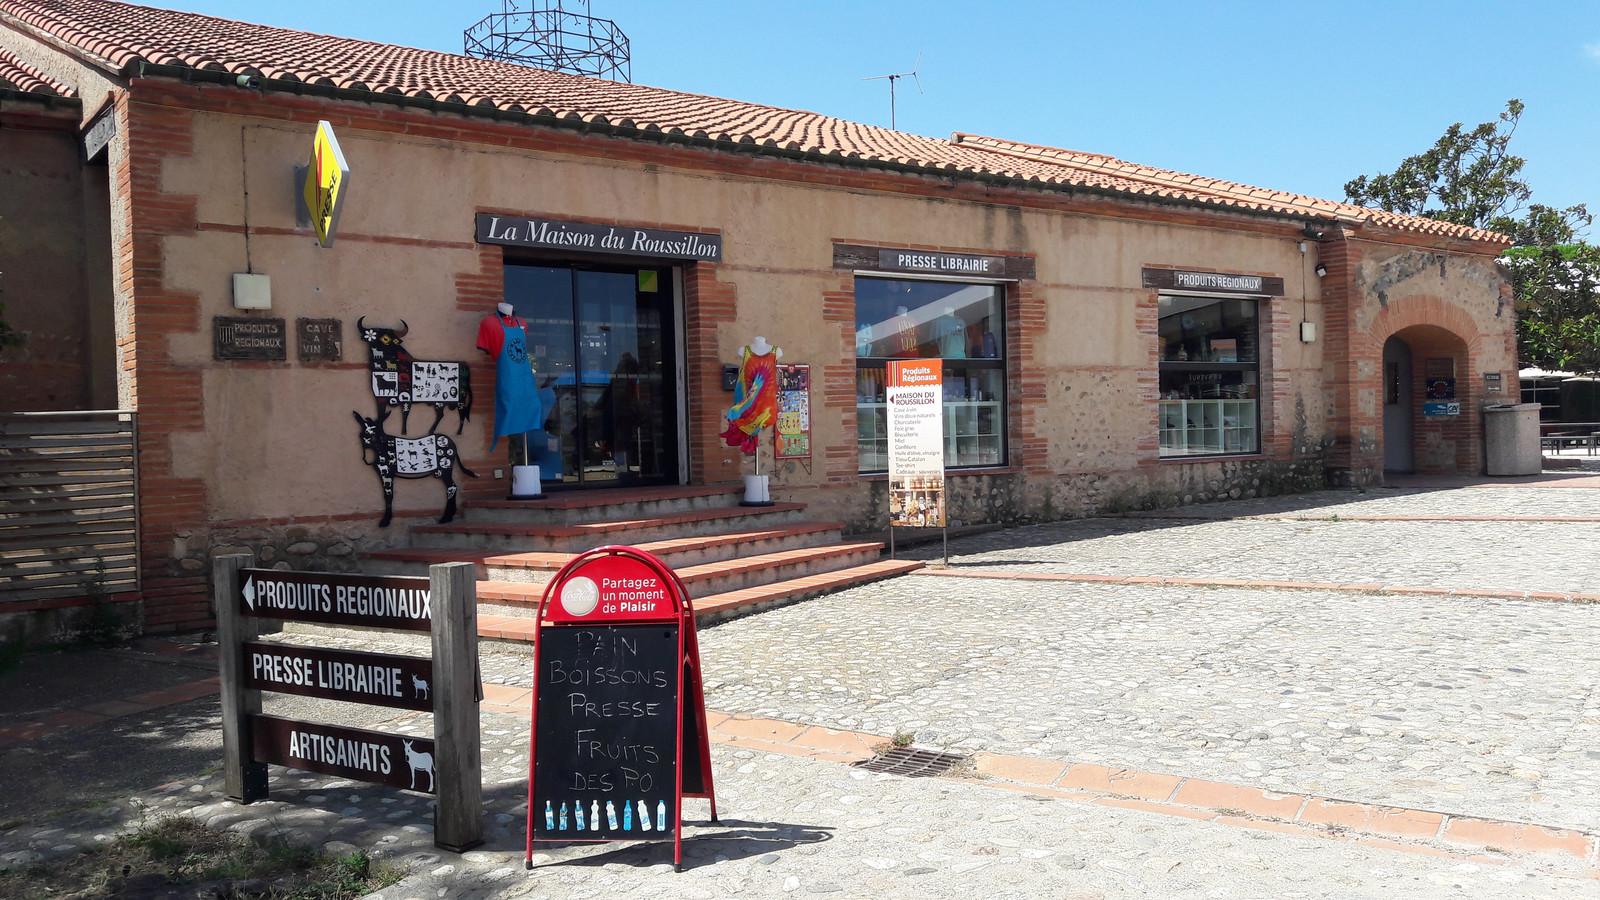 De winkel met streekproducten